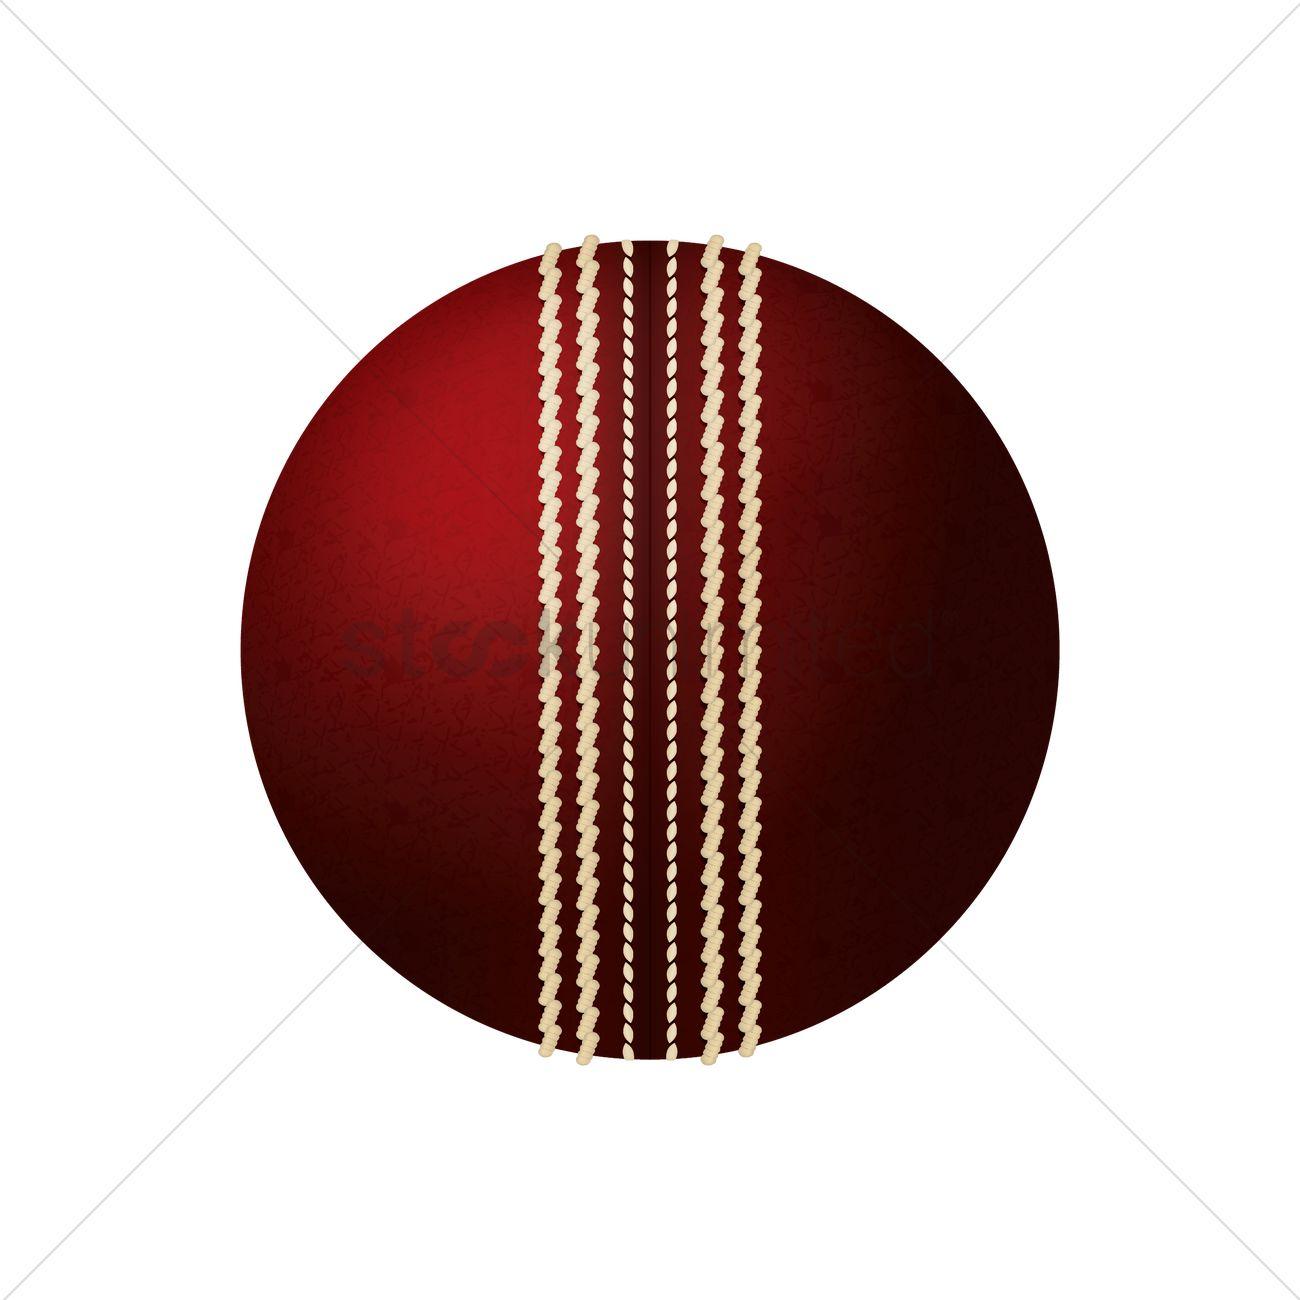 1300x1300 Cricket Ball Vector Image